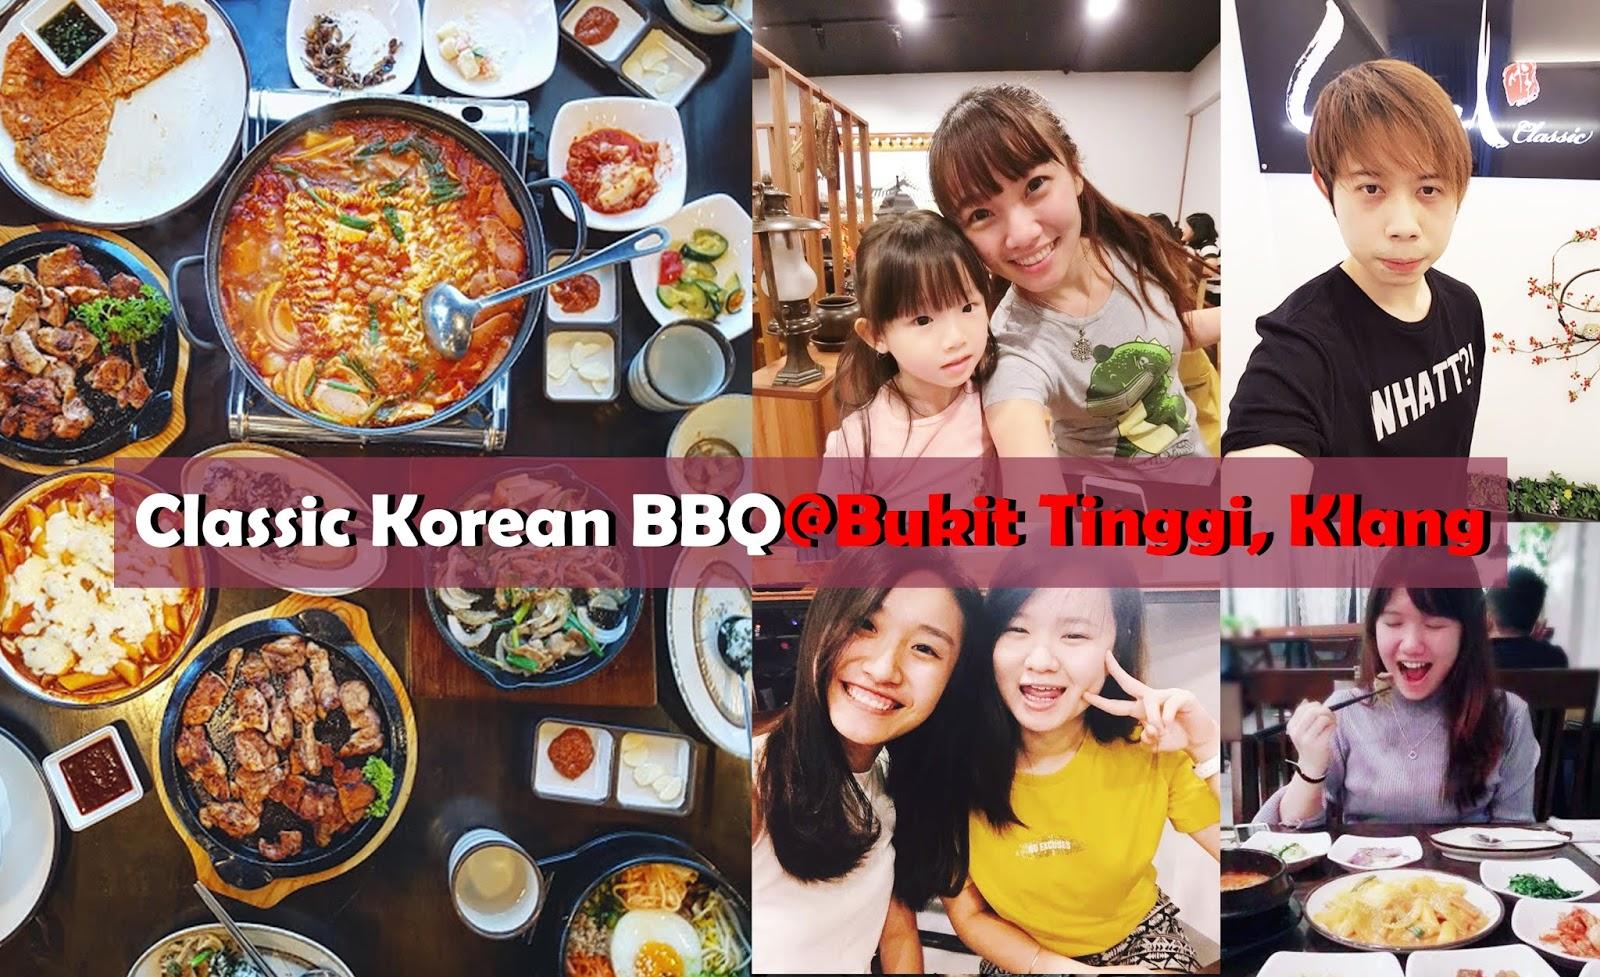 Seoul Classic Korean Bbq Bandar Bukit Tinggi 2 Klang